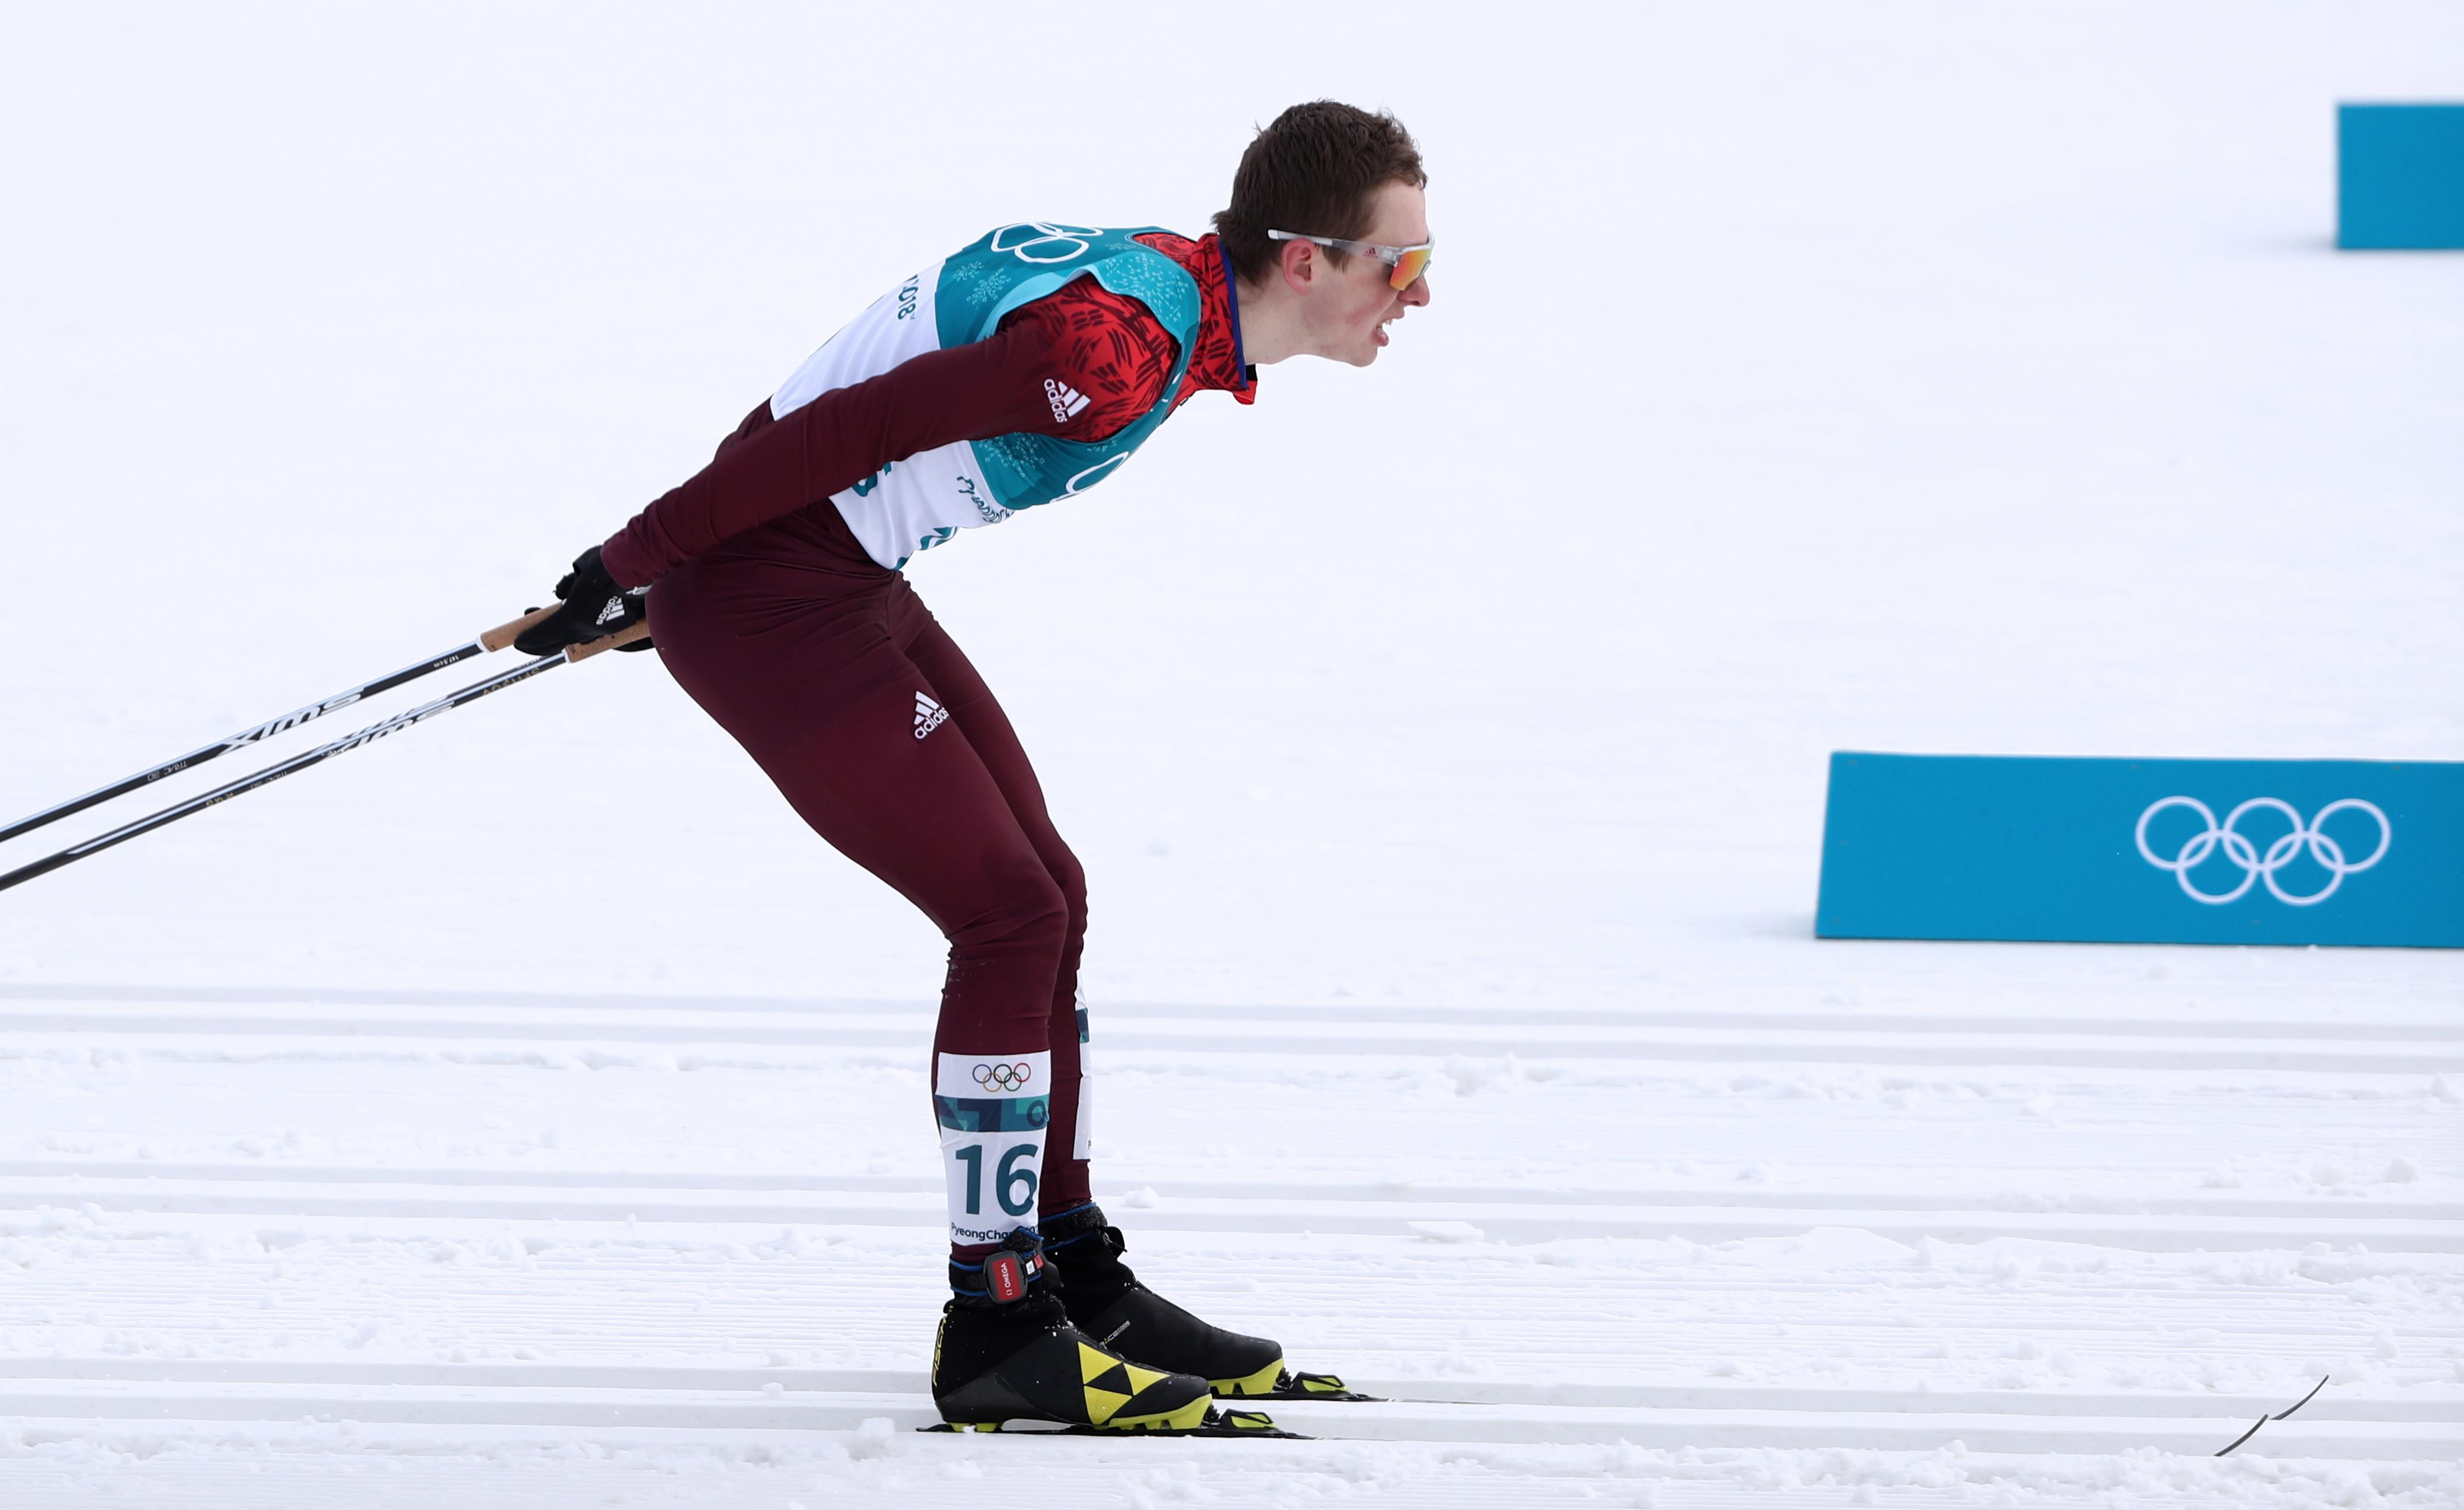 Йохауг выиграла индивидуальную гонку врамках домашнего этапа КМ, Белорукова— 14-я